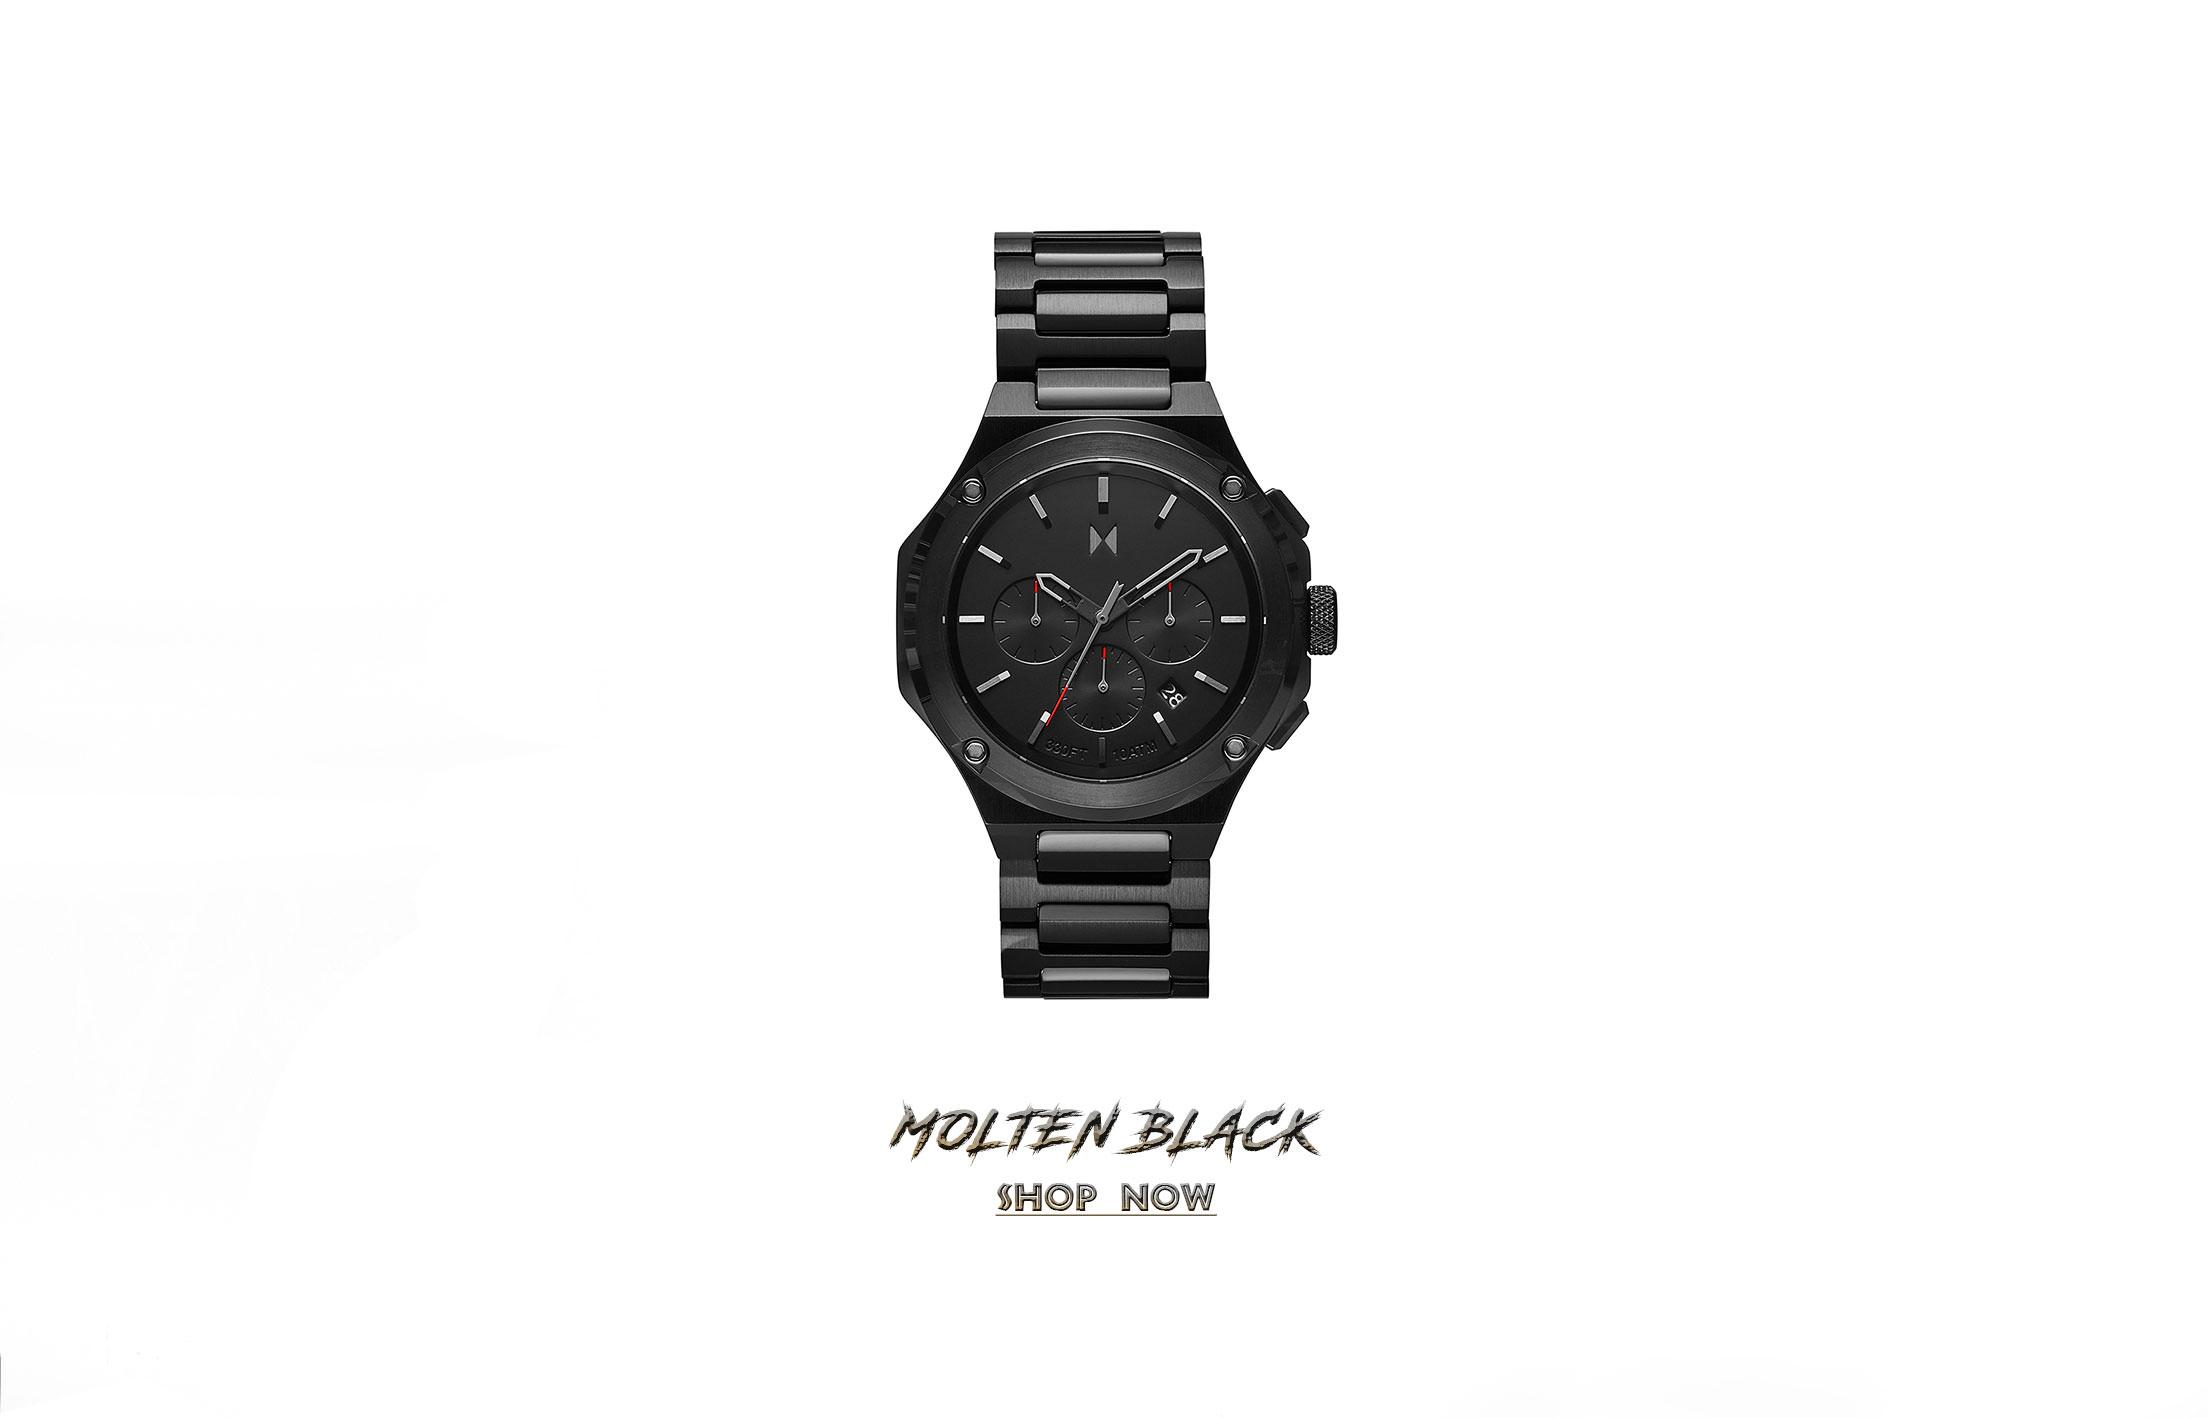 Molten Black | Shop Now